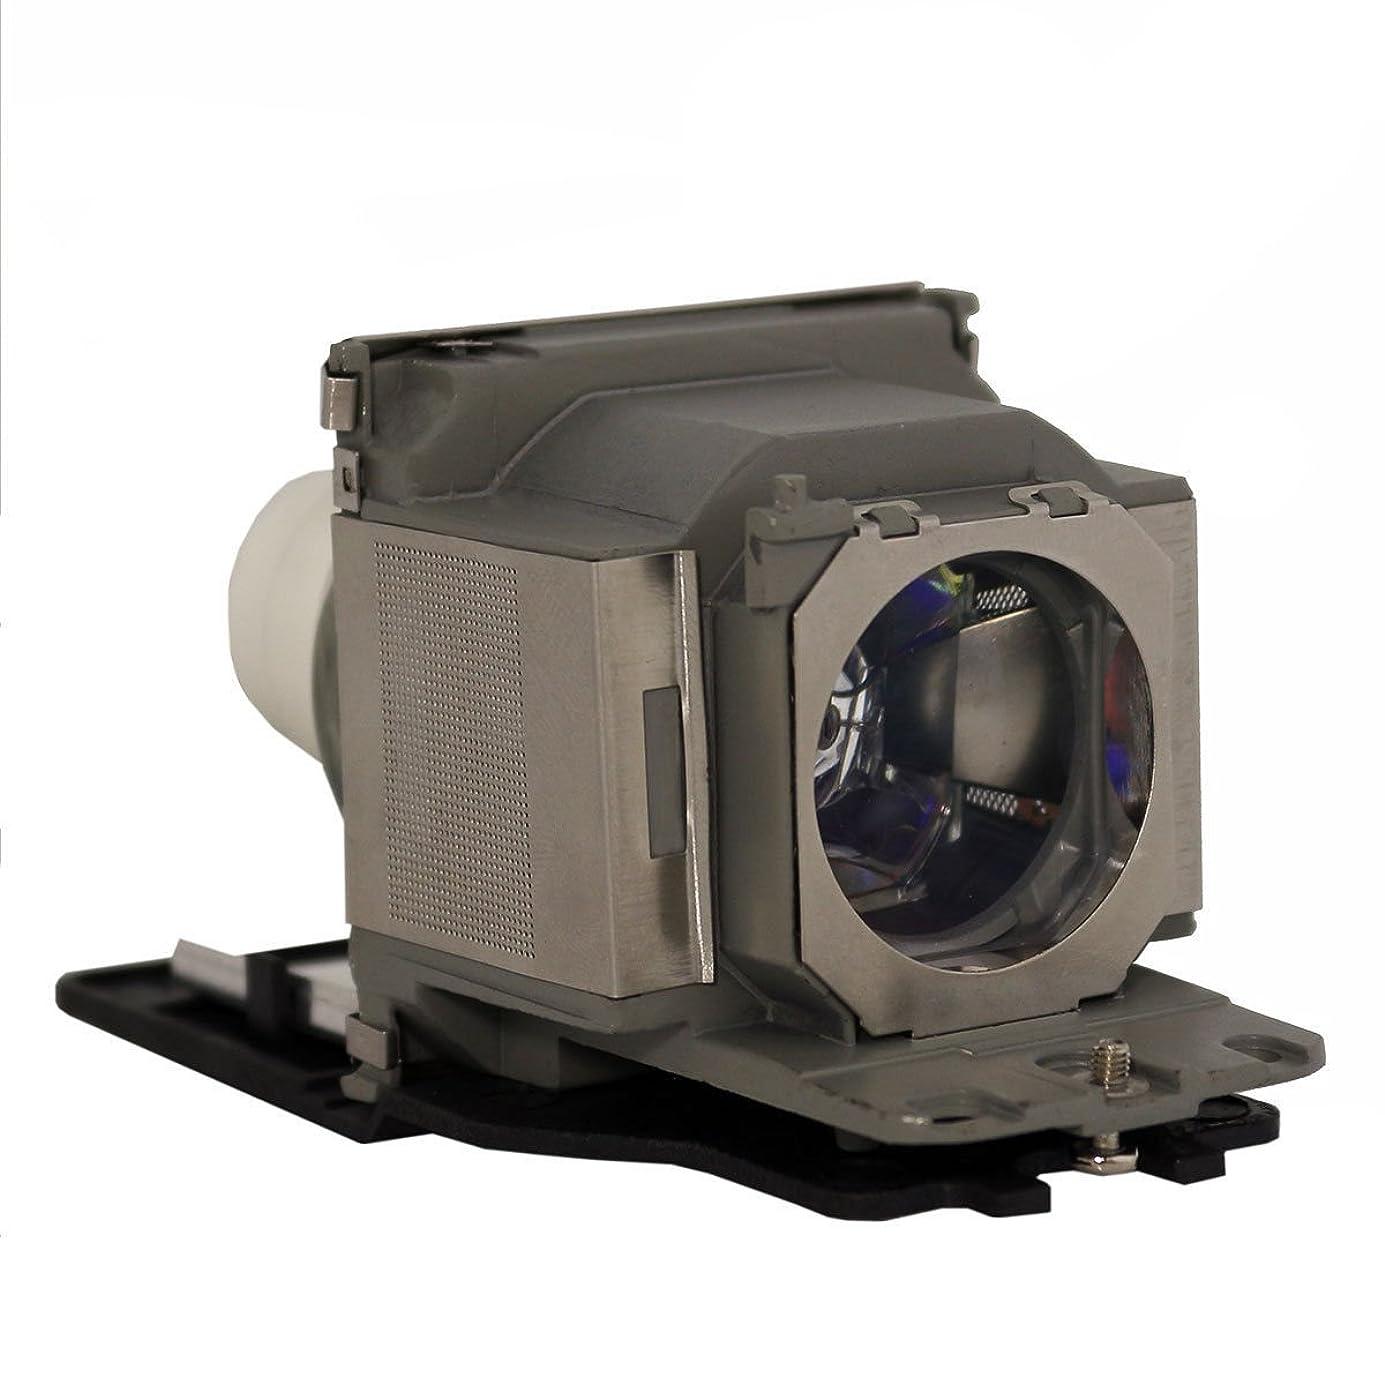 フラフープ安らぎ取得Supermait LMP-D213 プロジェクター交換用ランプ 汎用 150日間安心保証つき VPL-DW120 / VPL-DW125 / VPL-DW126 / VPL-DX100 / VPL-DX120 / VPL-DX125 / VPL-DX126 / VPL-DX140 / VPL-DX145 / VPL-DX146 対応